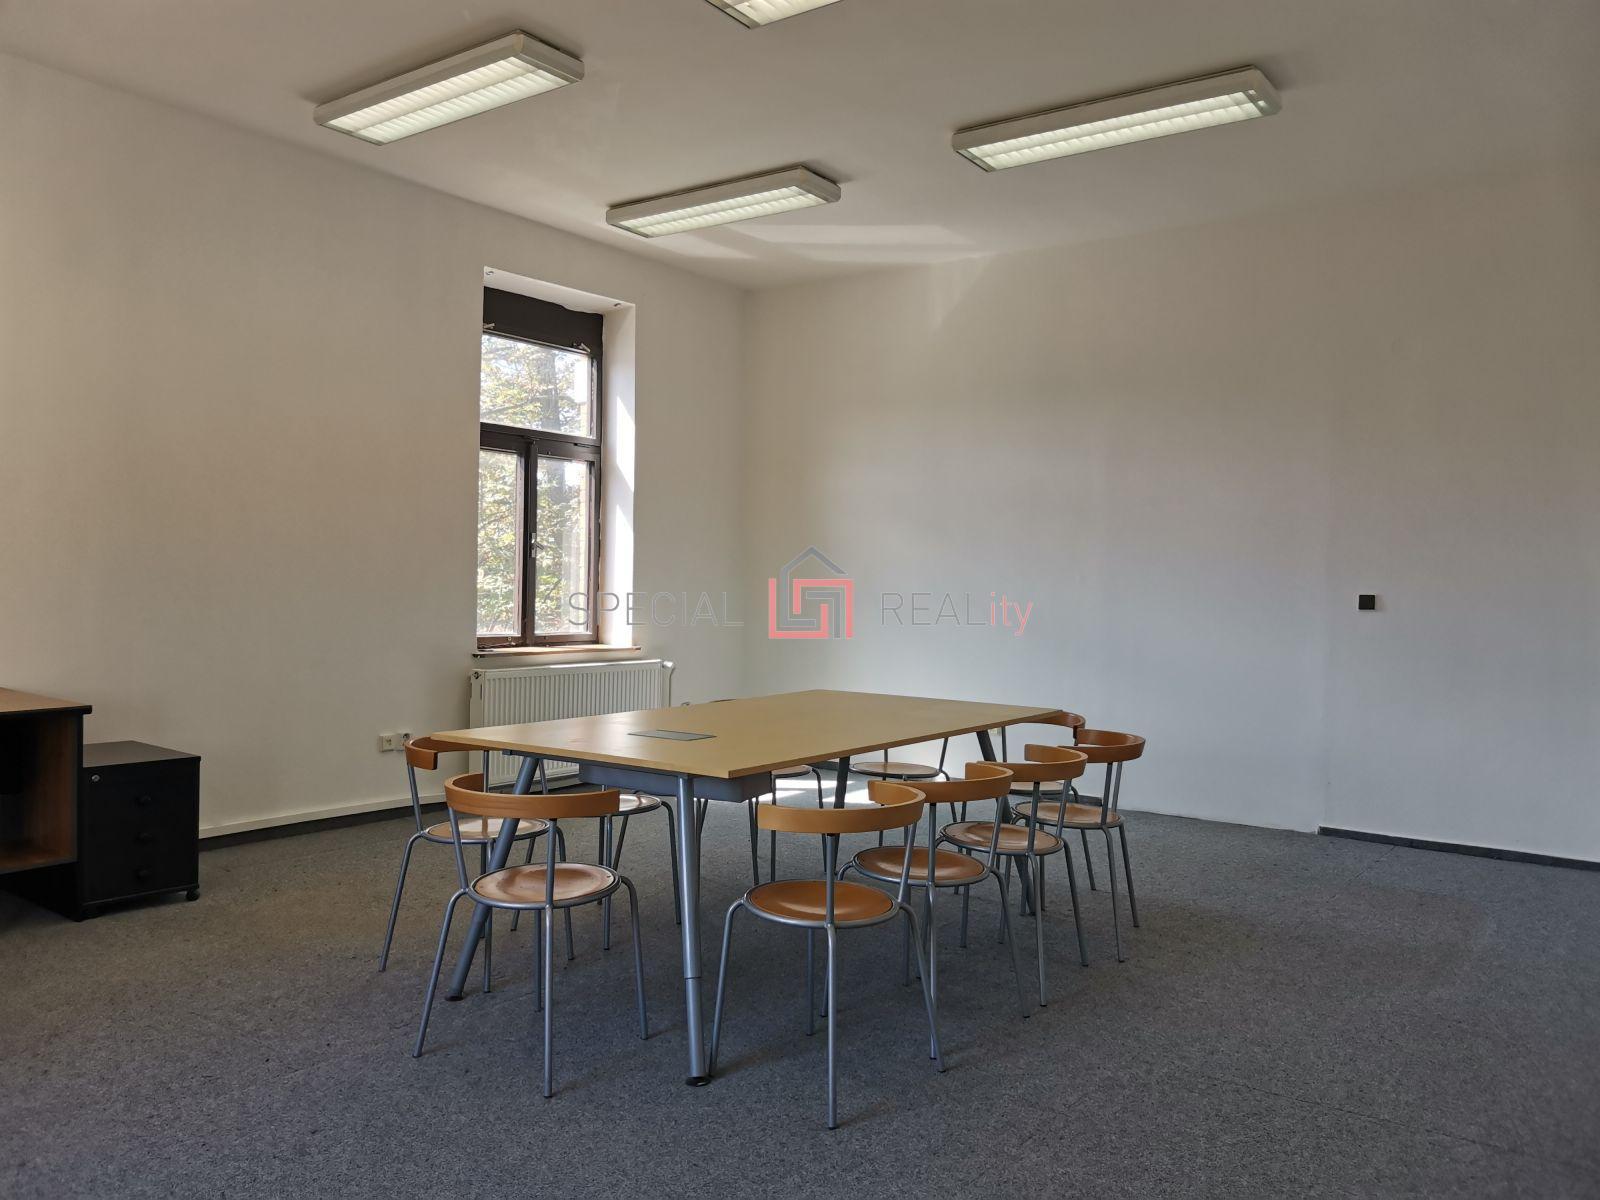 Pronájem kanceláře 48 m, ul. Masná, Moravská Ostrava